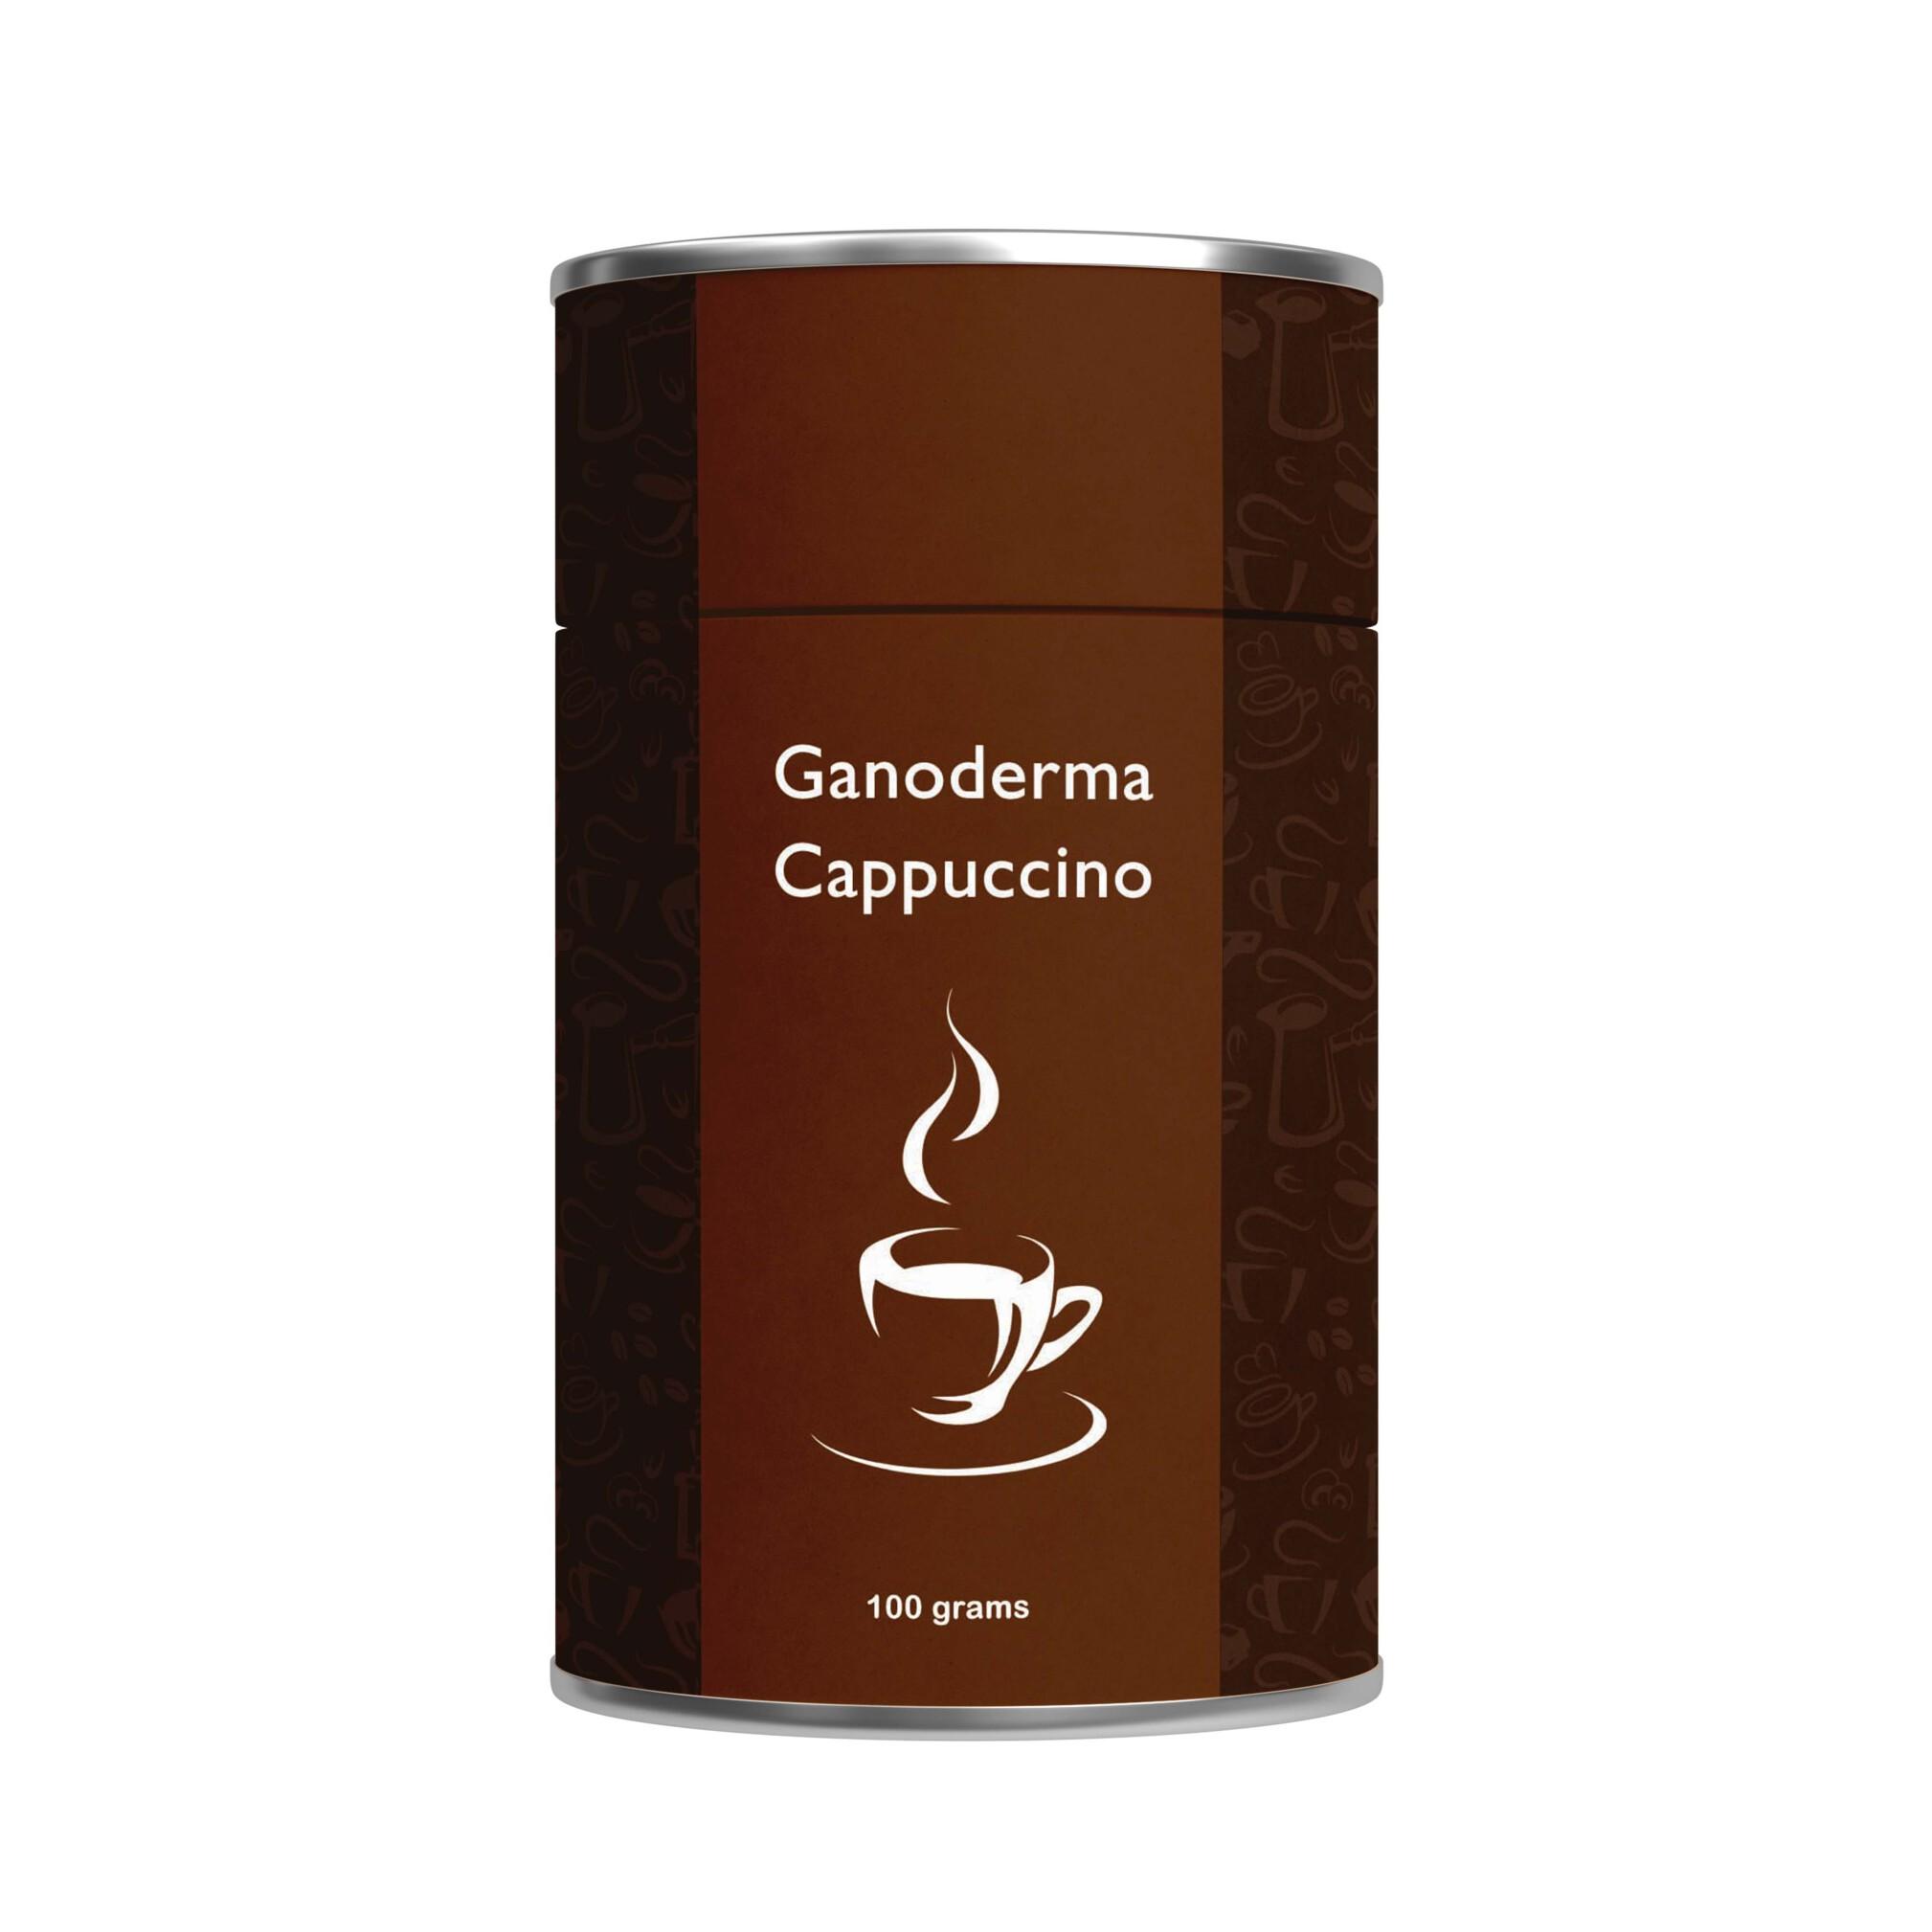 ترکیب کاپوچینو با قارچ گانودرما